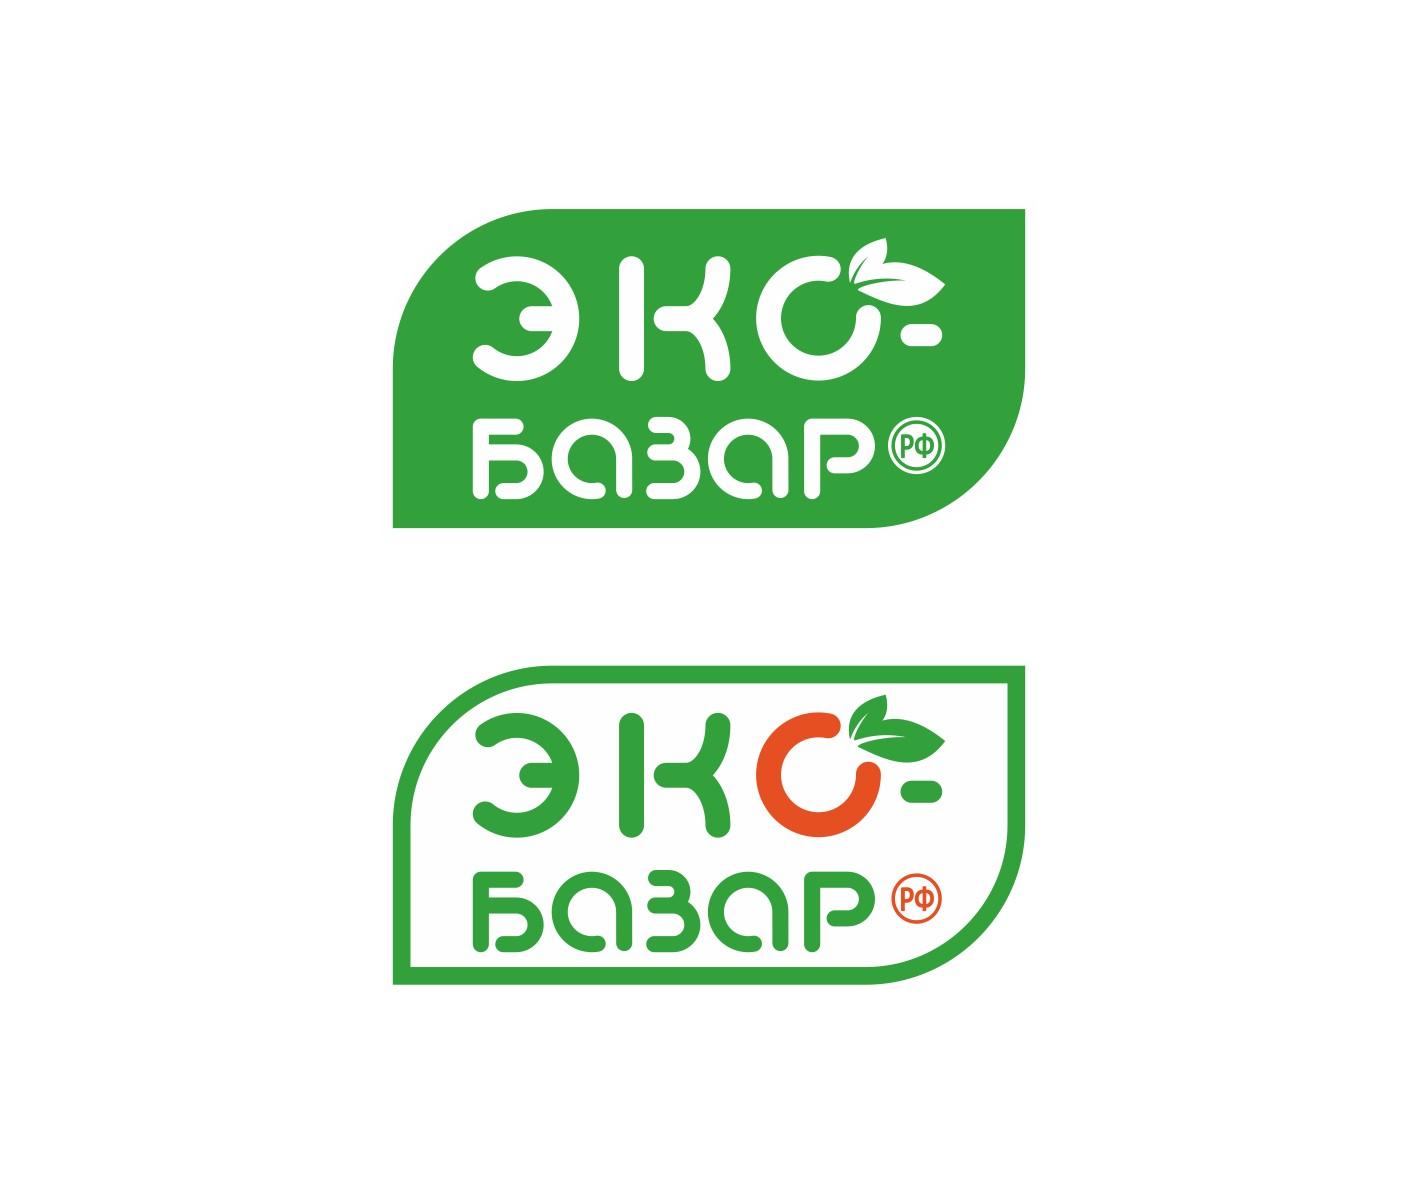 Логотип компании натуральных (фермерских) продуктов фото f_08959413b33354af.jpg